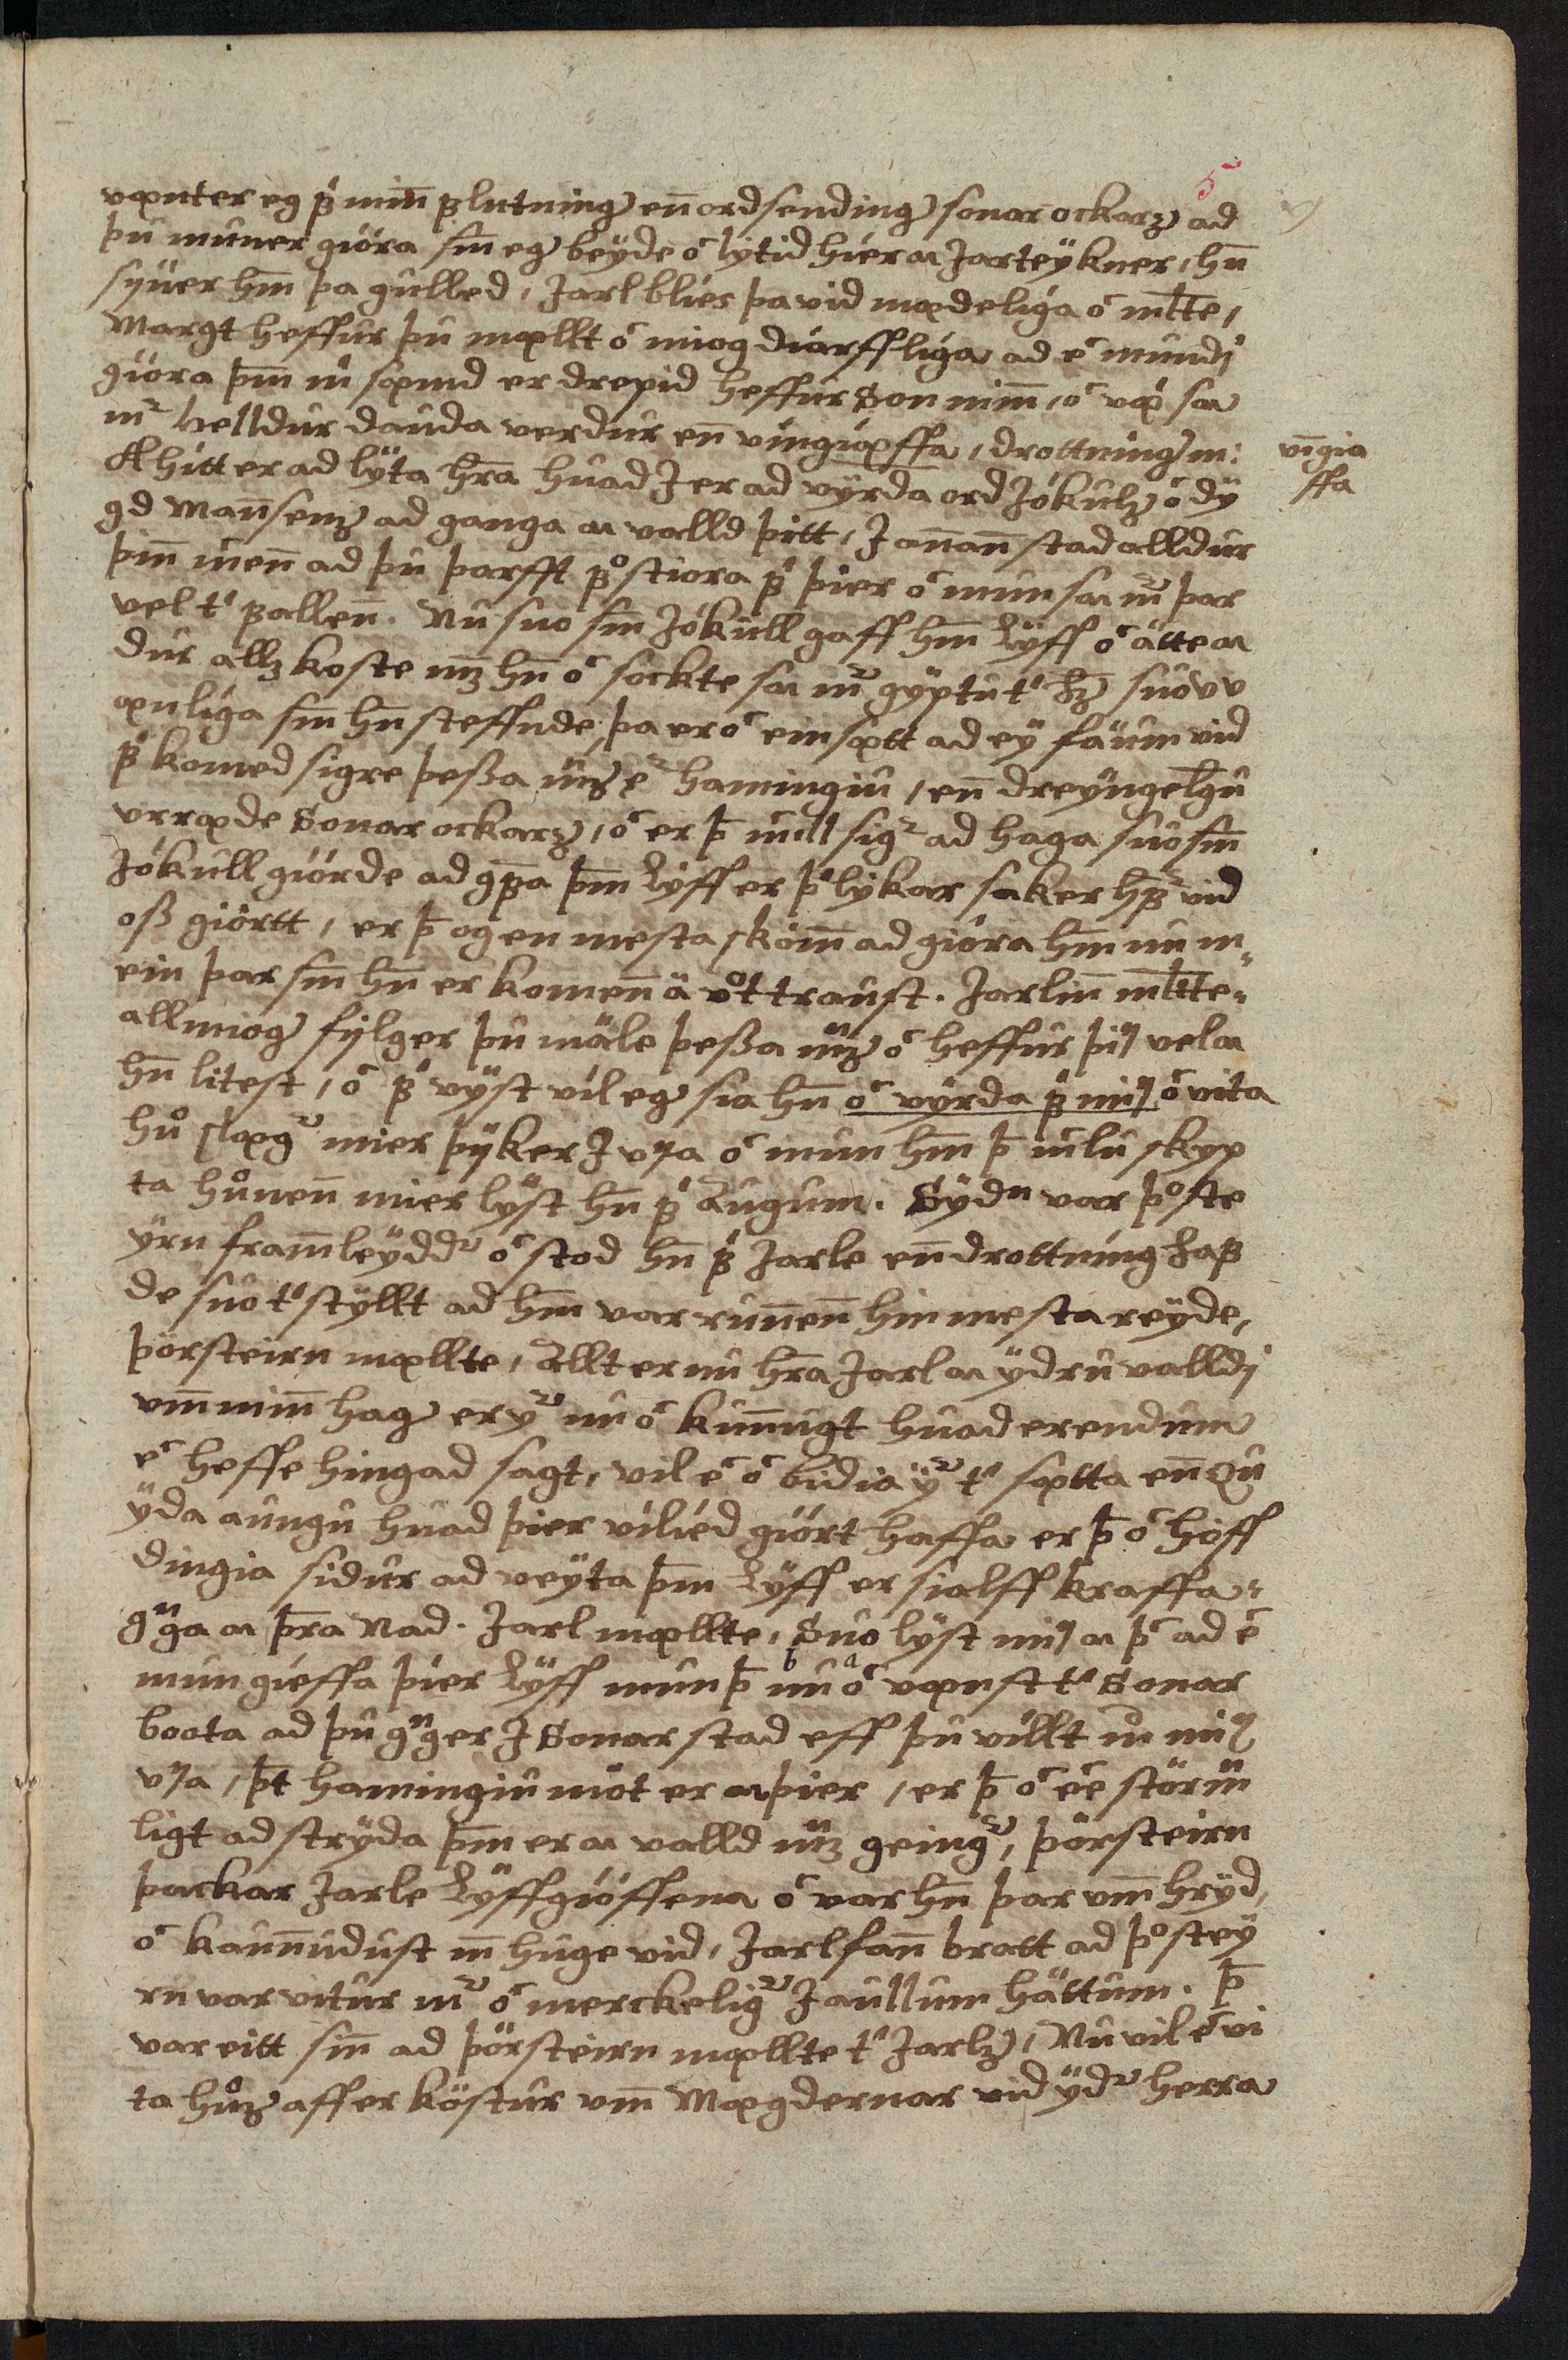 AM 138 fol - 5r